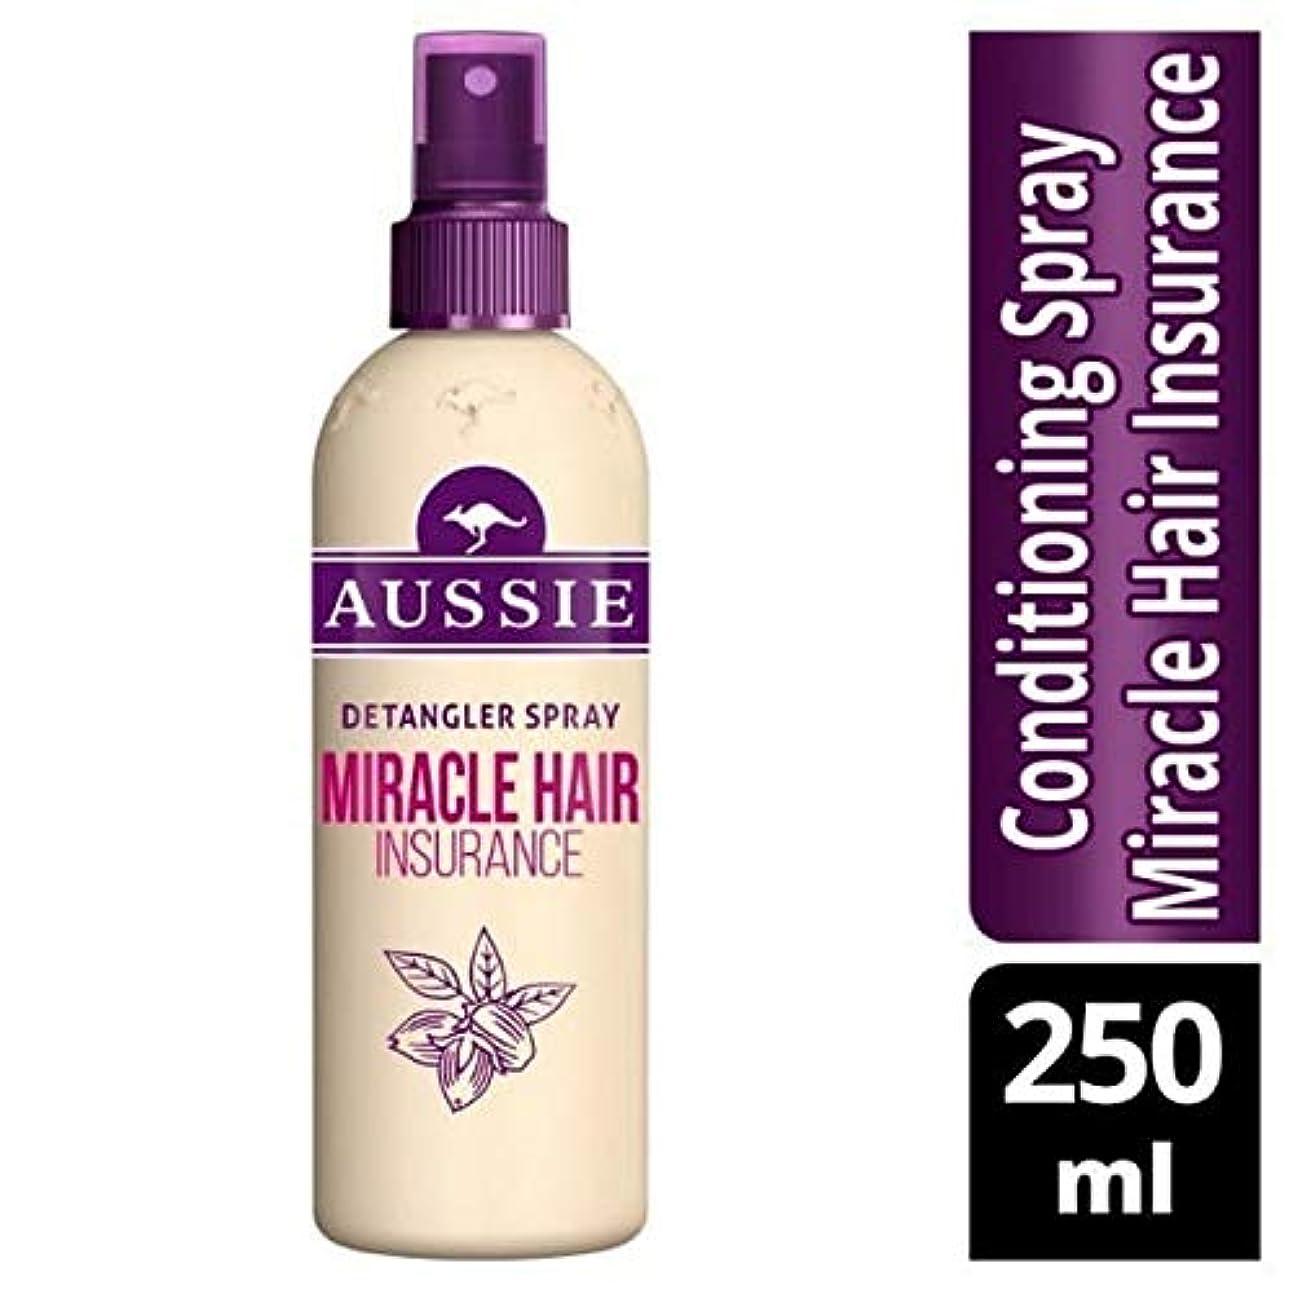 珍味クルーズ食用[Aussie ] オーストラリアの奇跡髪保険Detanglerスプレー250ミリリットル - Aussie Miracle Hair Insurance Detangler Spray 250ml [並行輸入品]